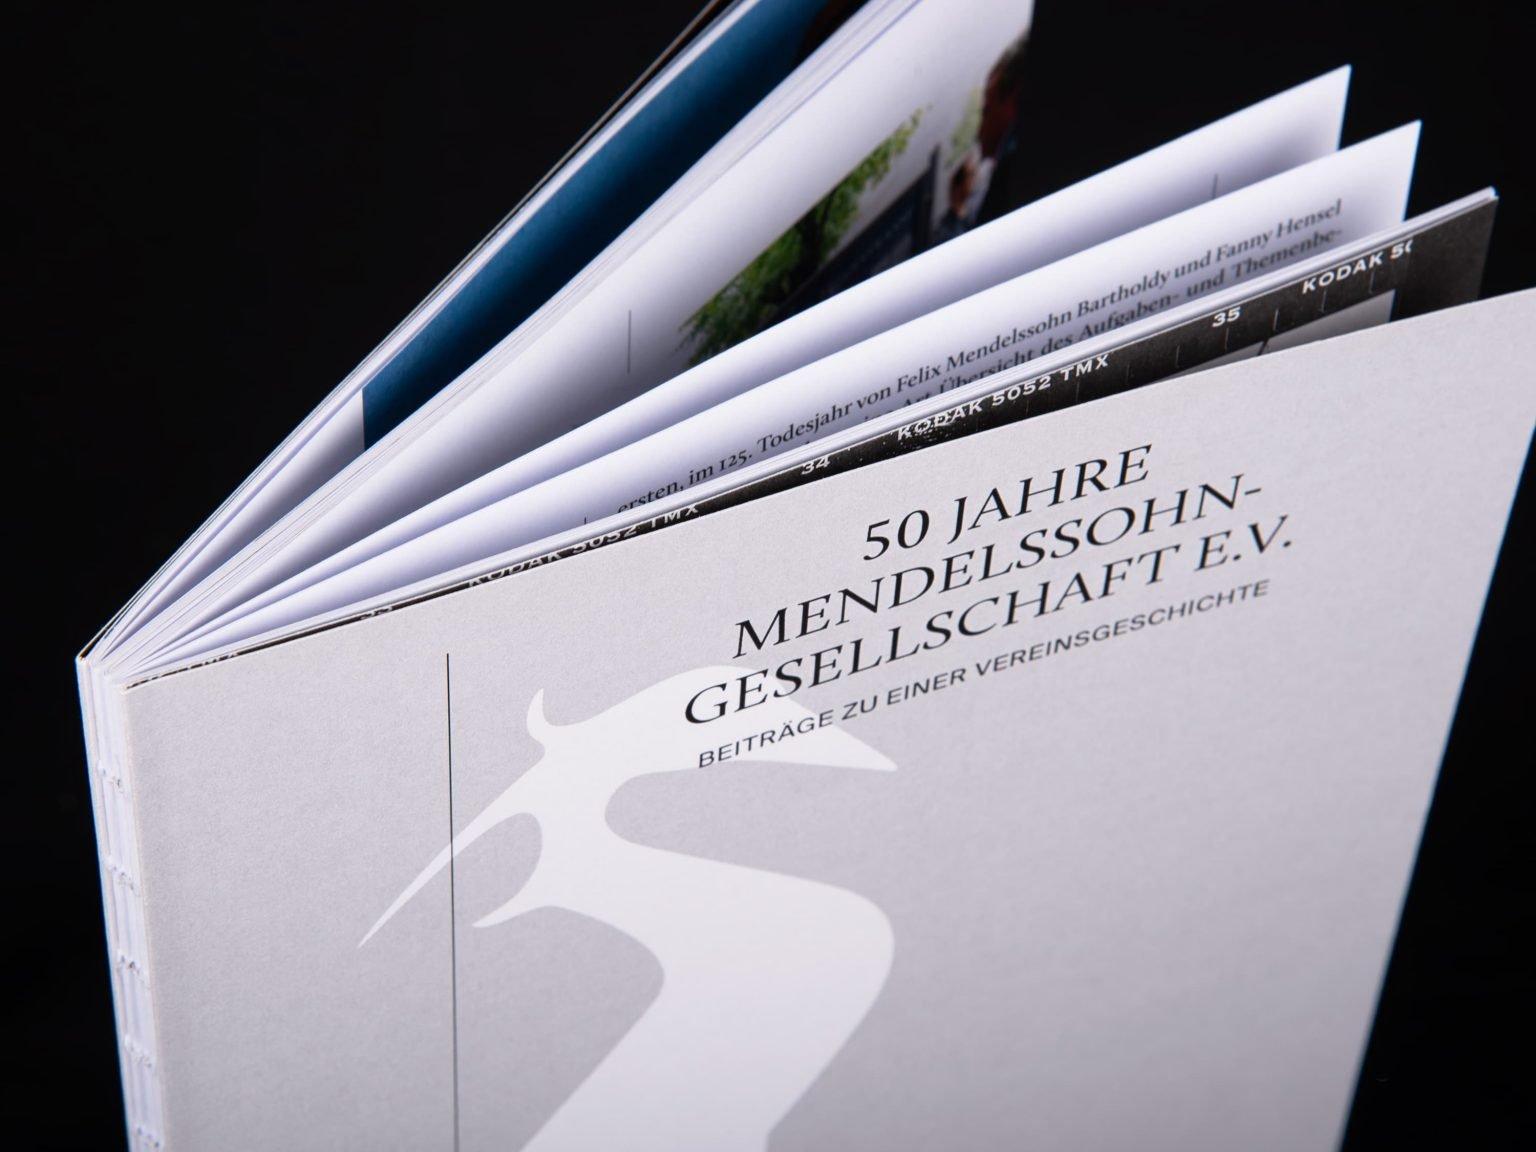 Mendelssohn Cover 04